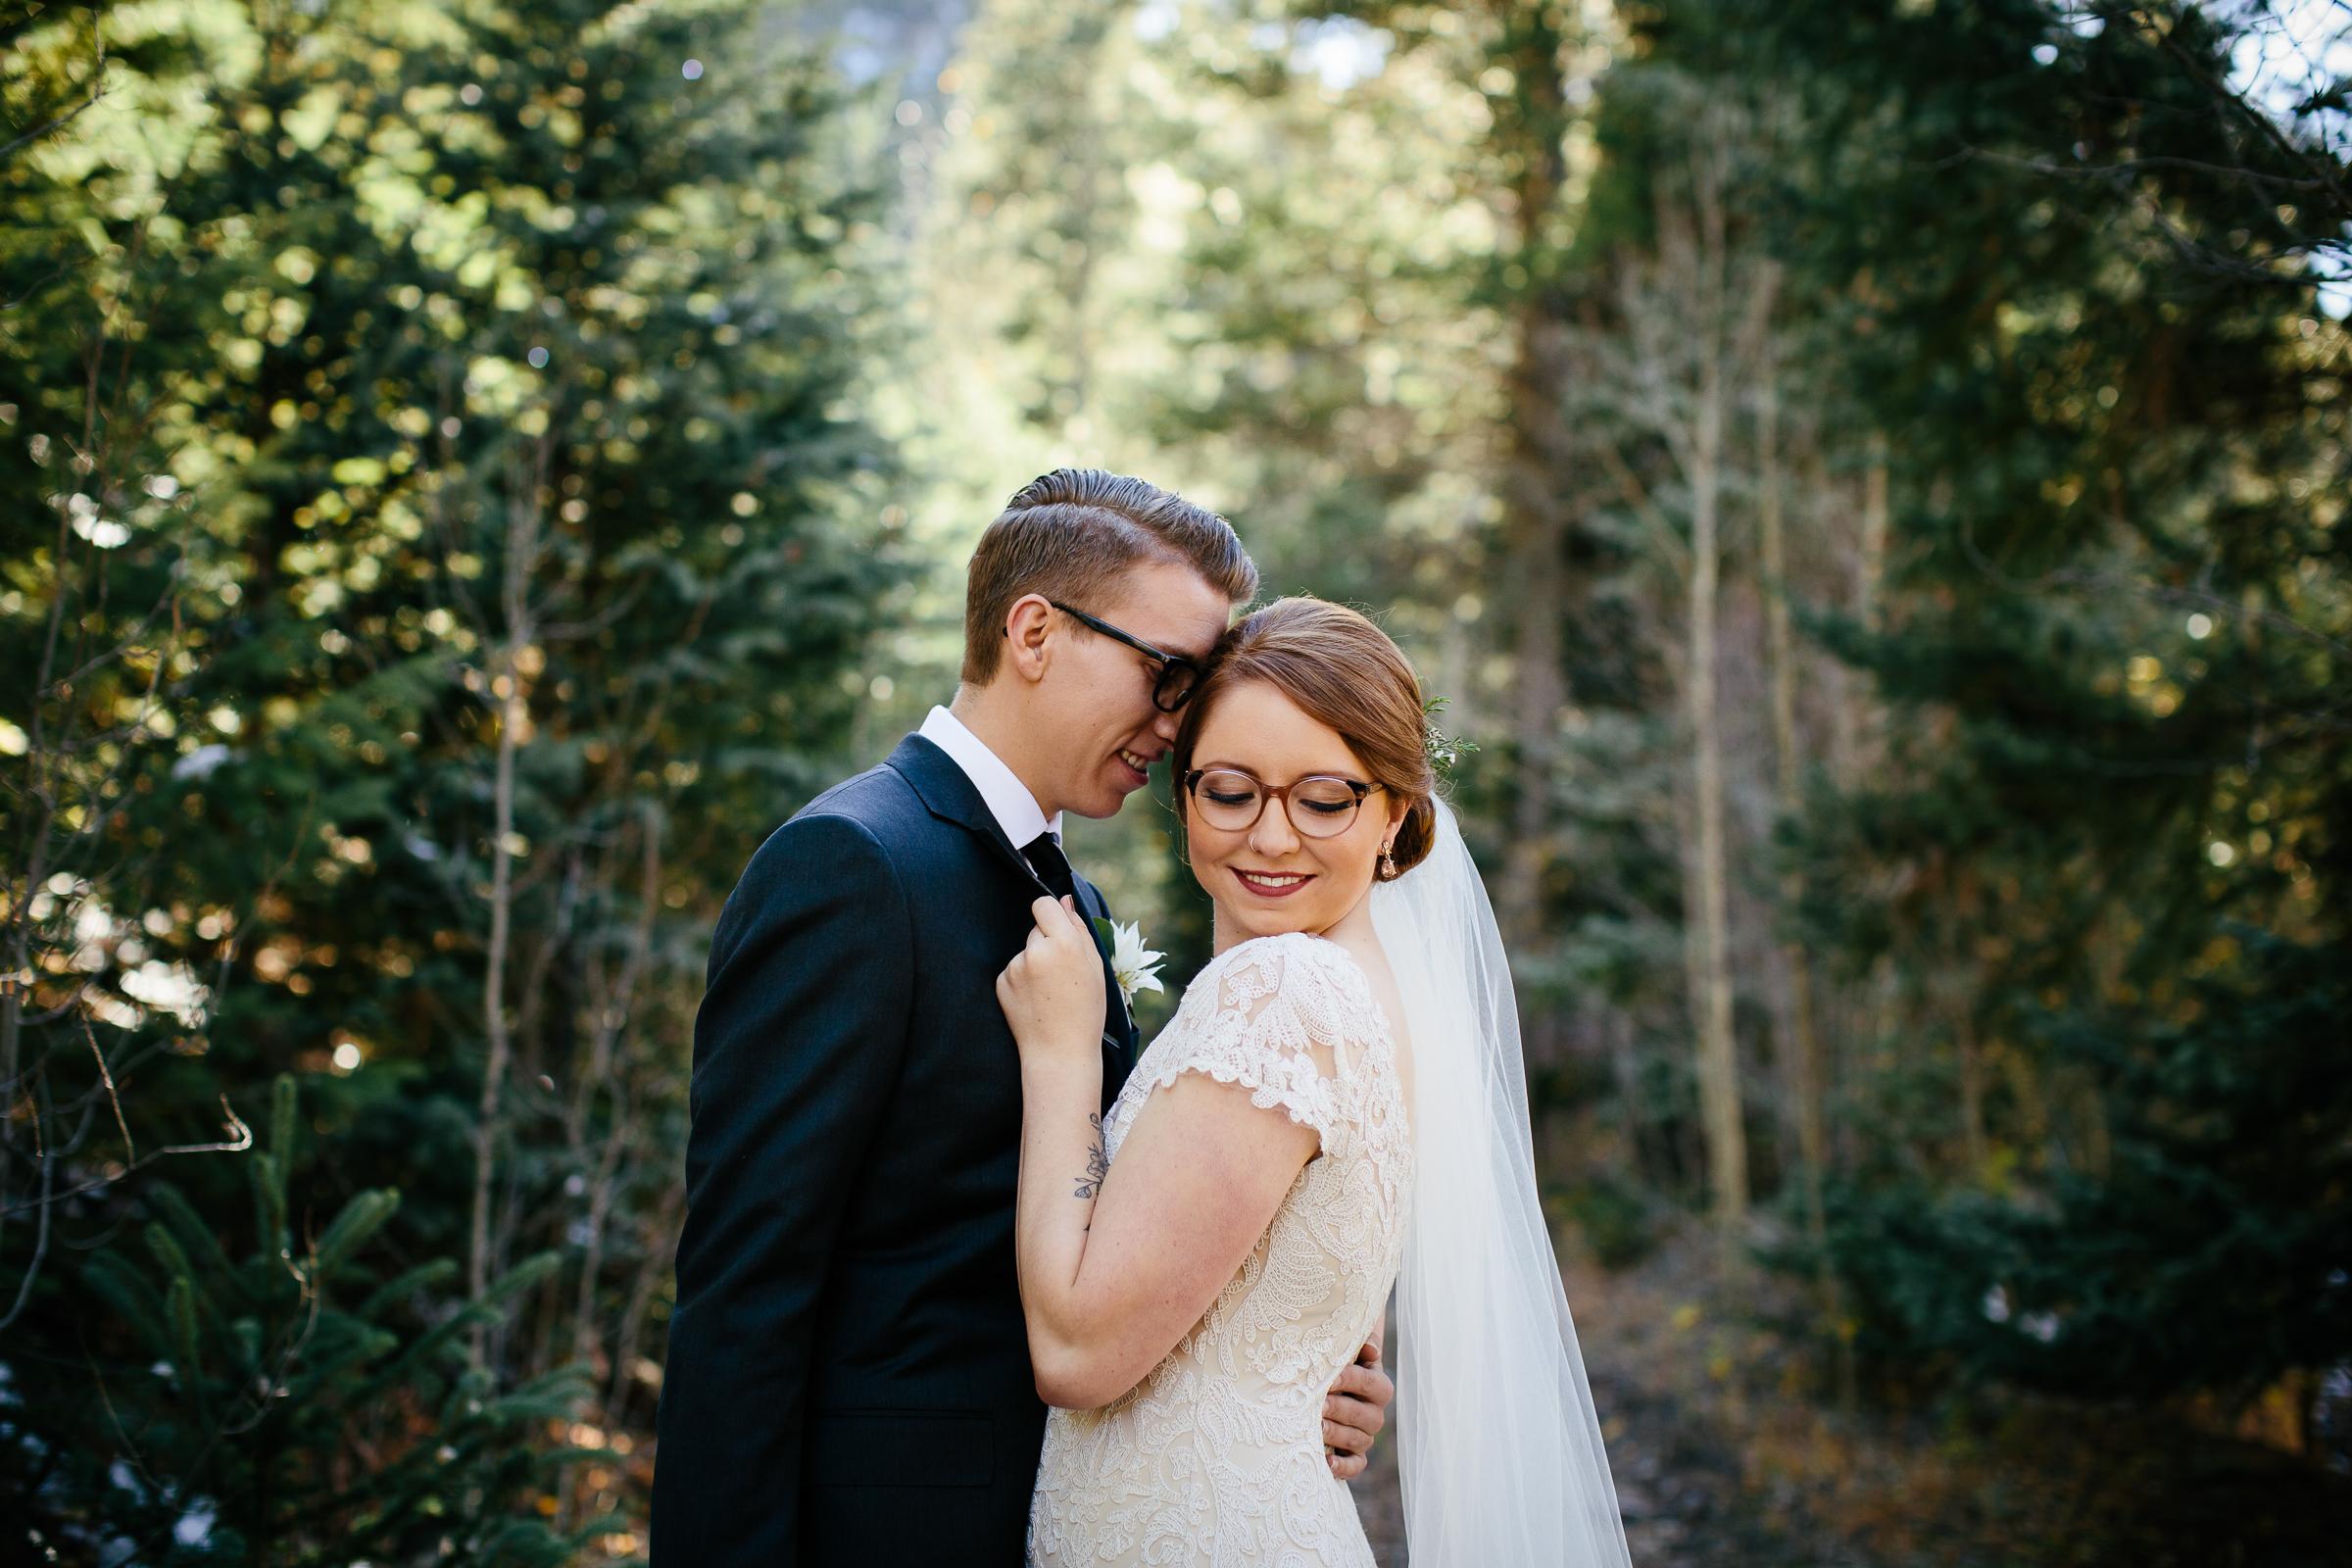 S+S, Married{MWP}-261.jpg